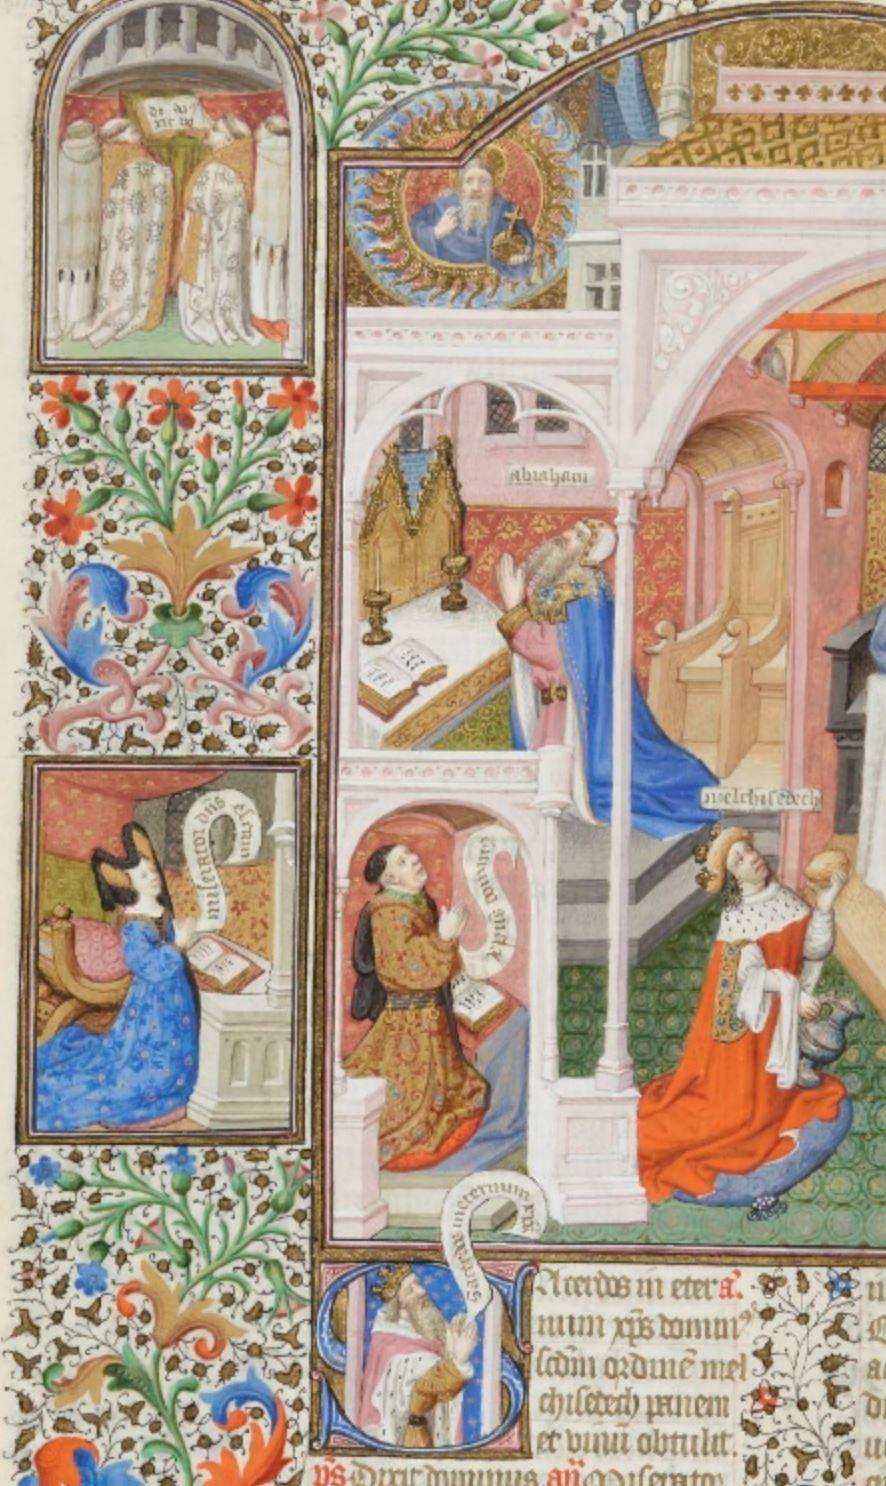 Maitre de Bedford (atelier), 1424-1435, Breviaire de Salisbury, pour le duc de Bedford BNF Lat 17294 fol 283v Melchisedech gallica detail